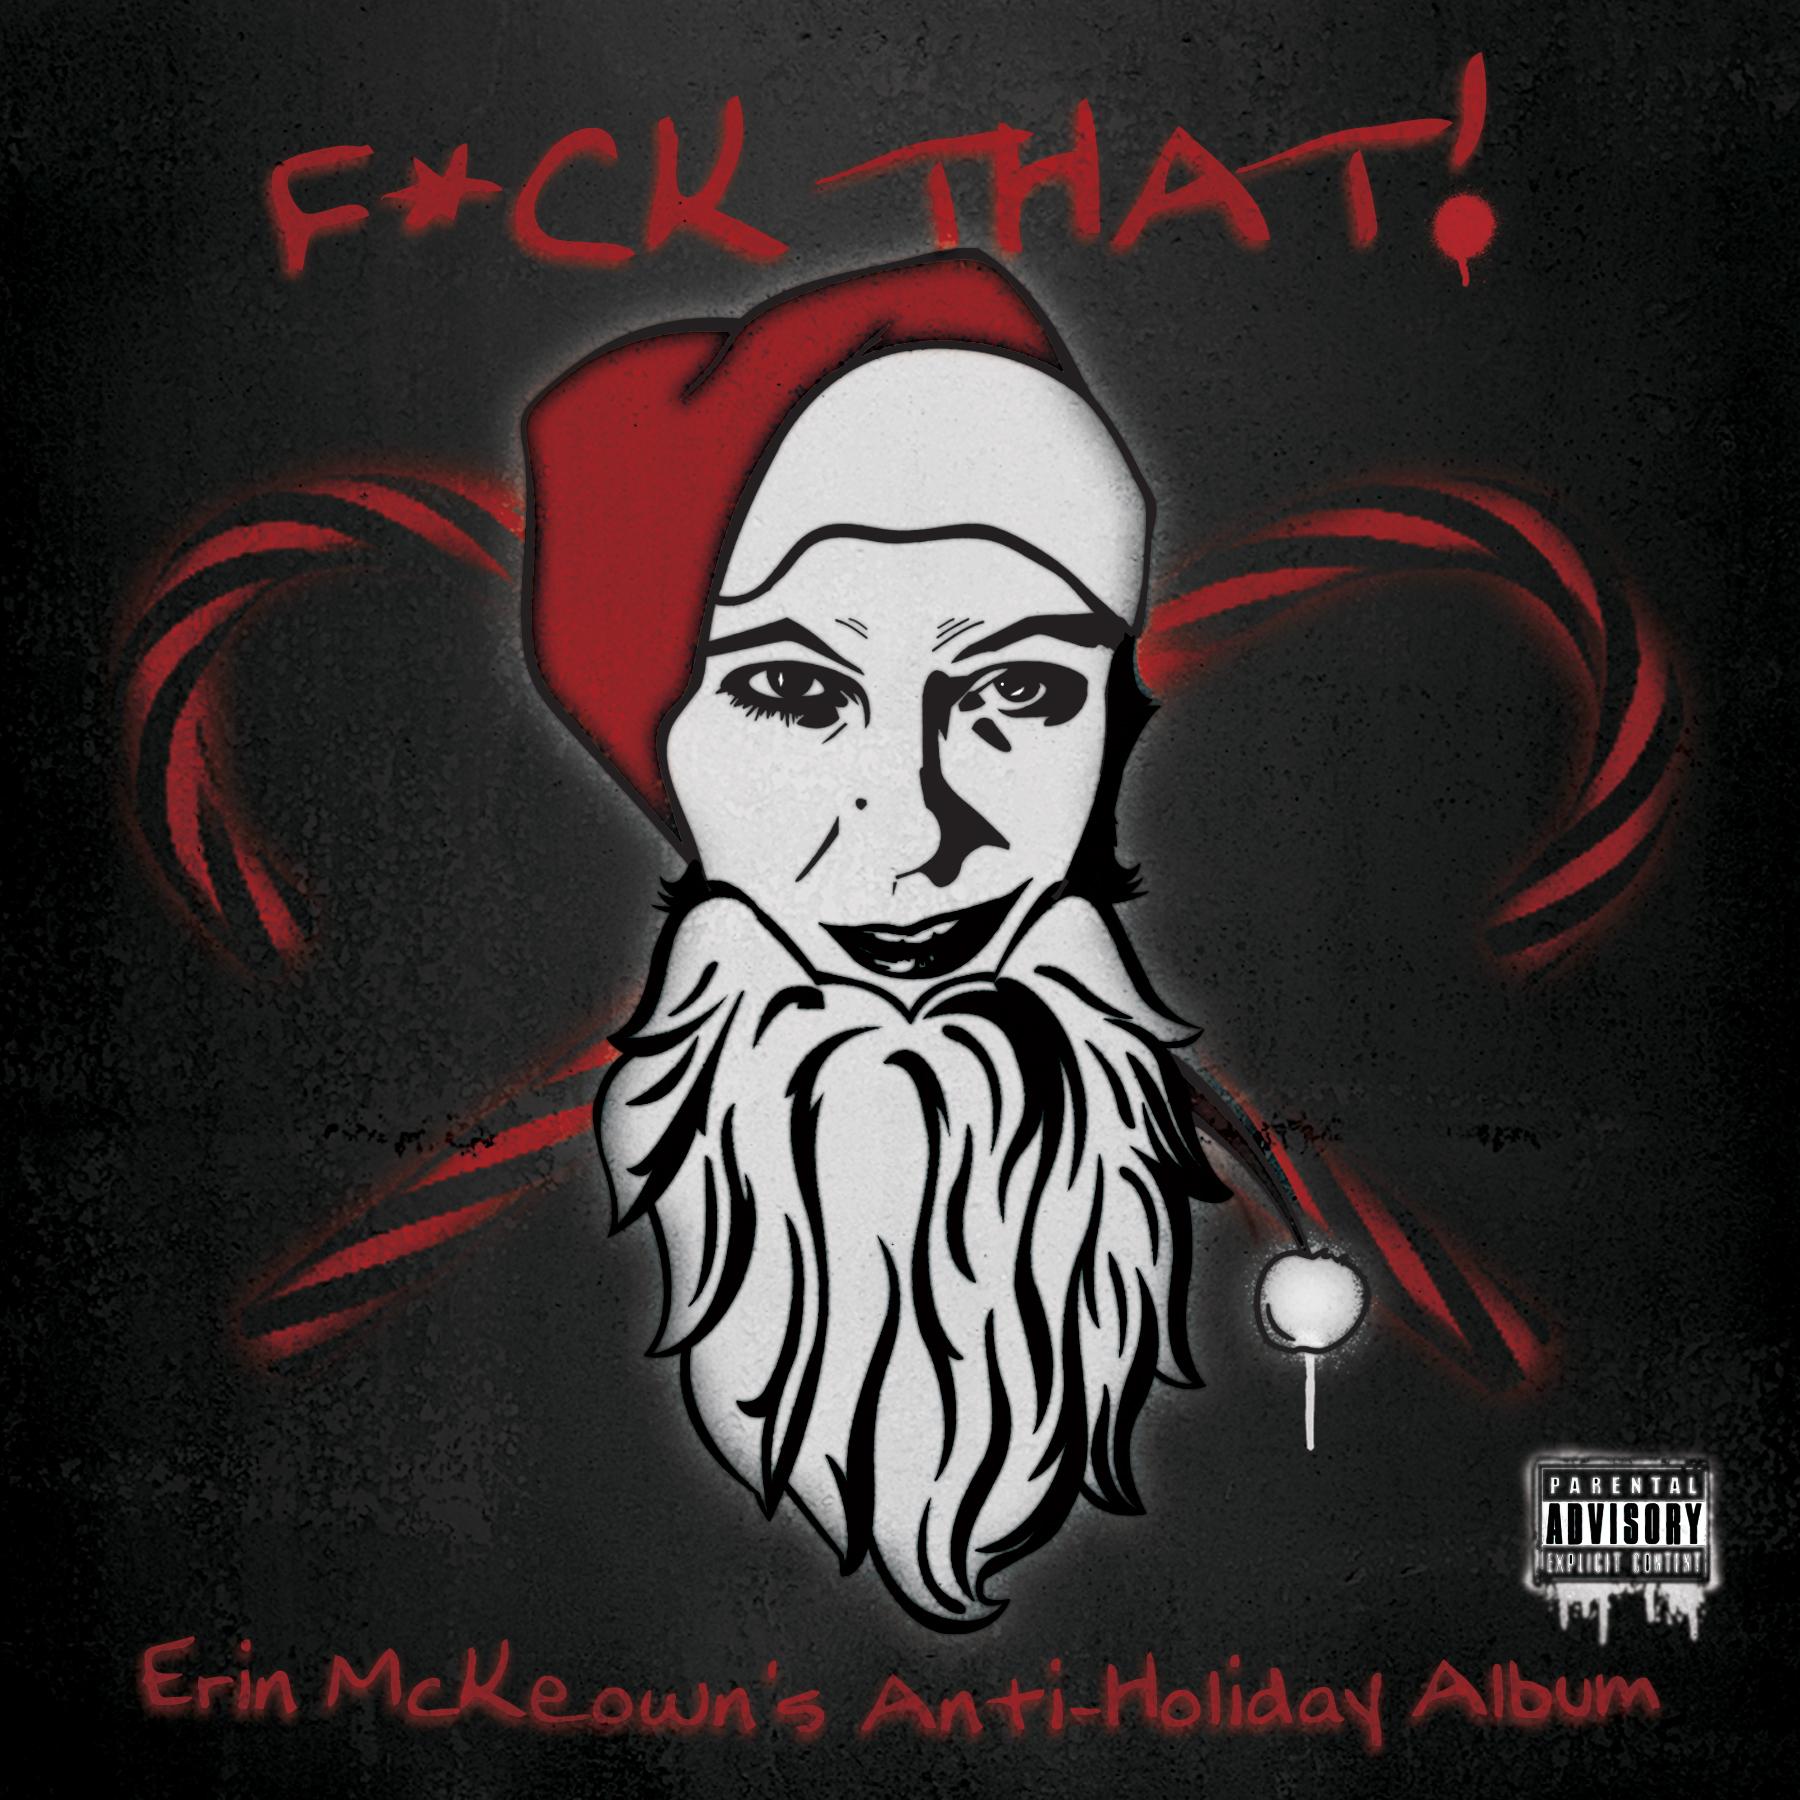 Listen to Erin McKeown's Anti-Holiday Album